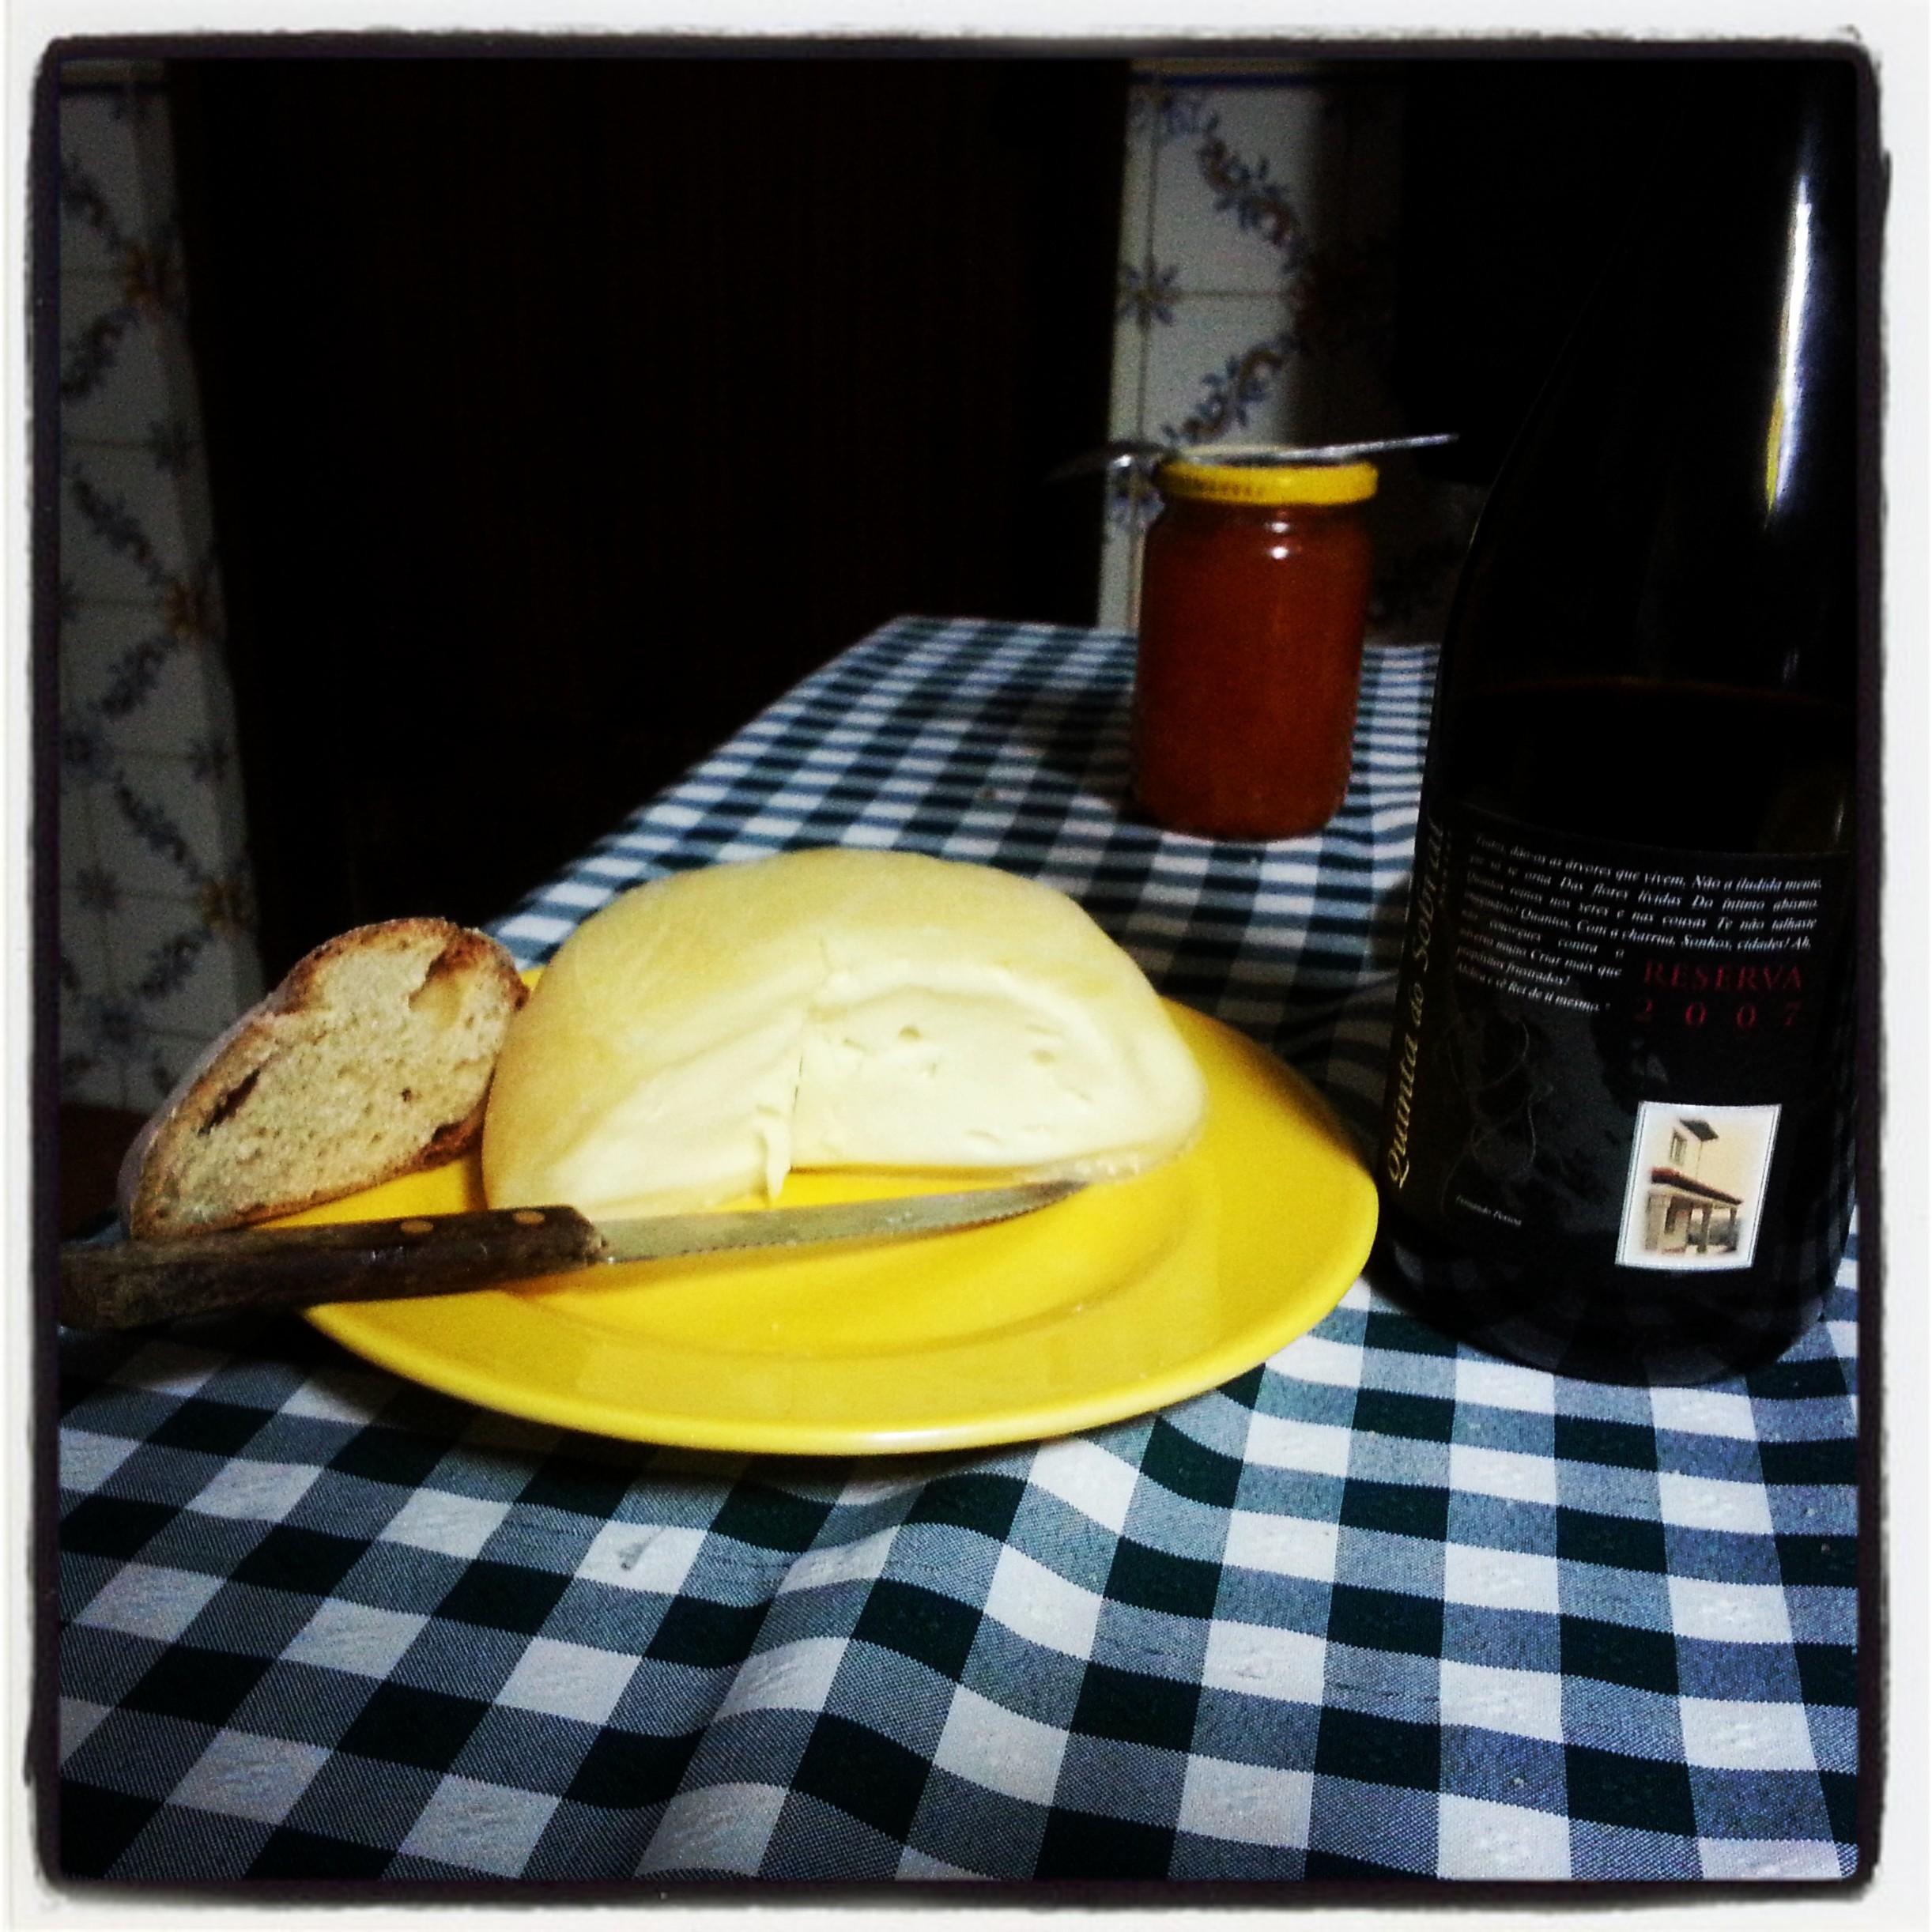 Sim, é o queijo da foto ITG365 anterior... mas já depois da meia-noite... ;)